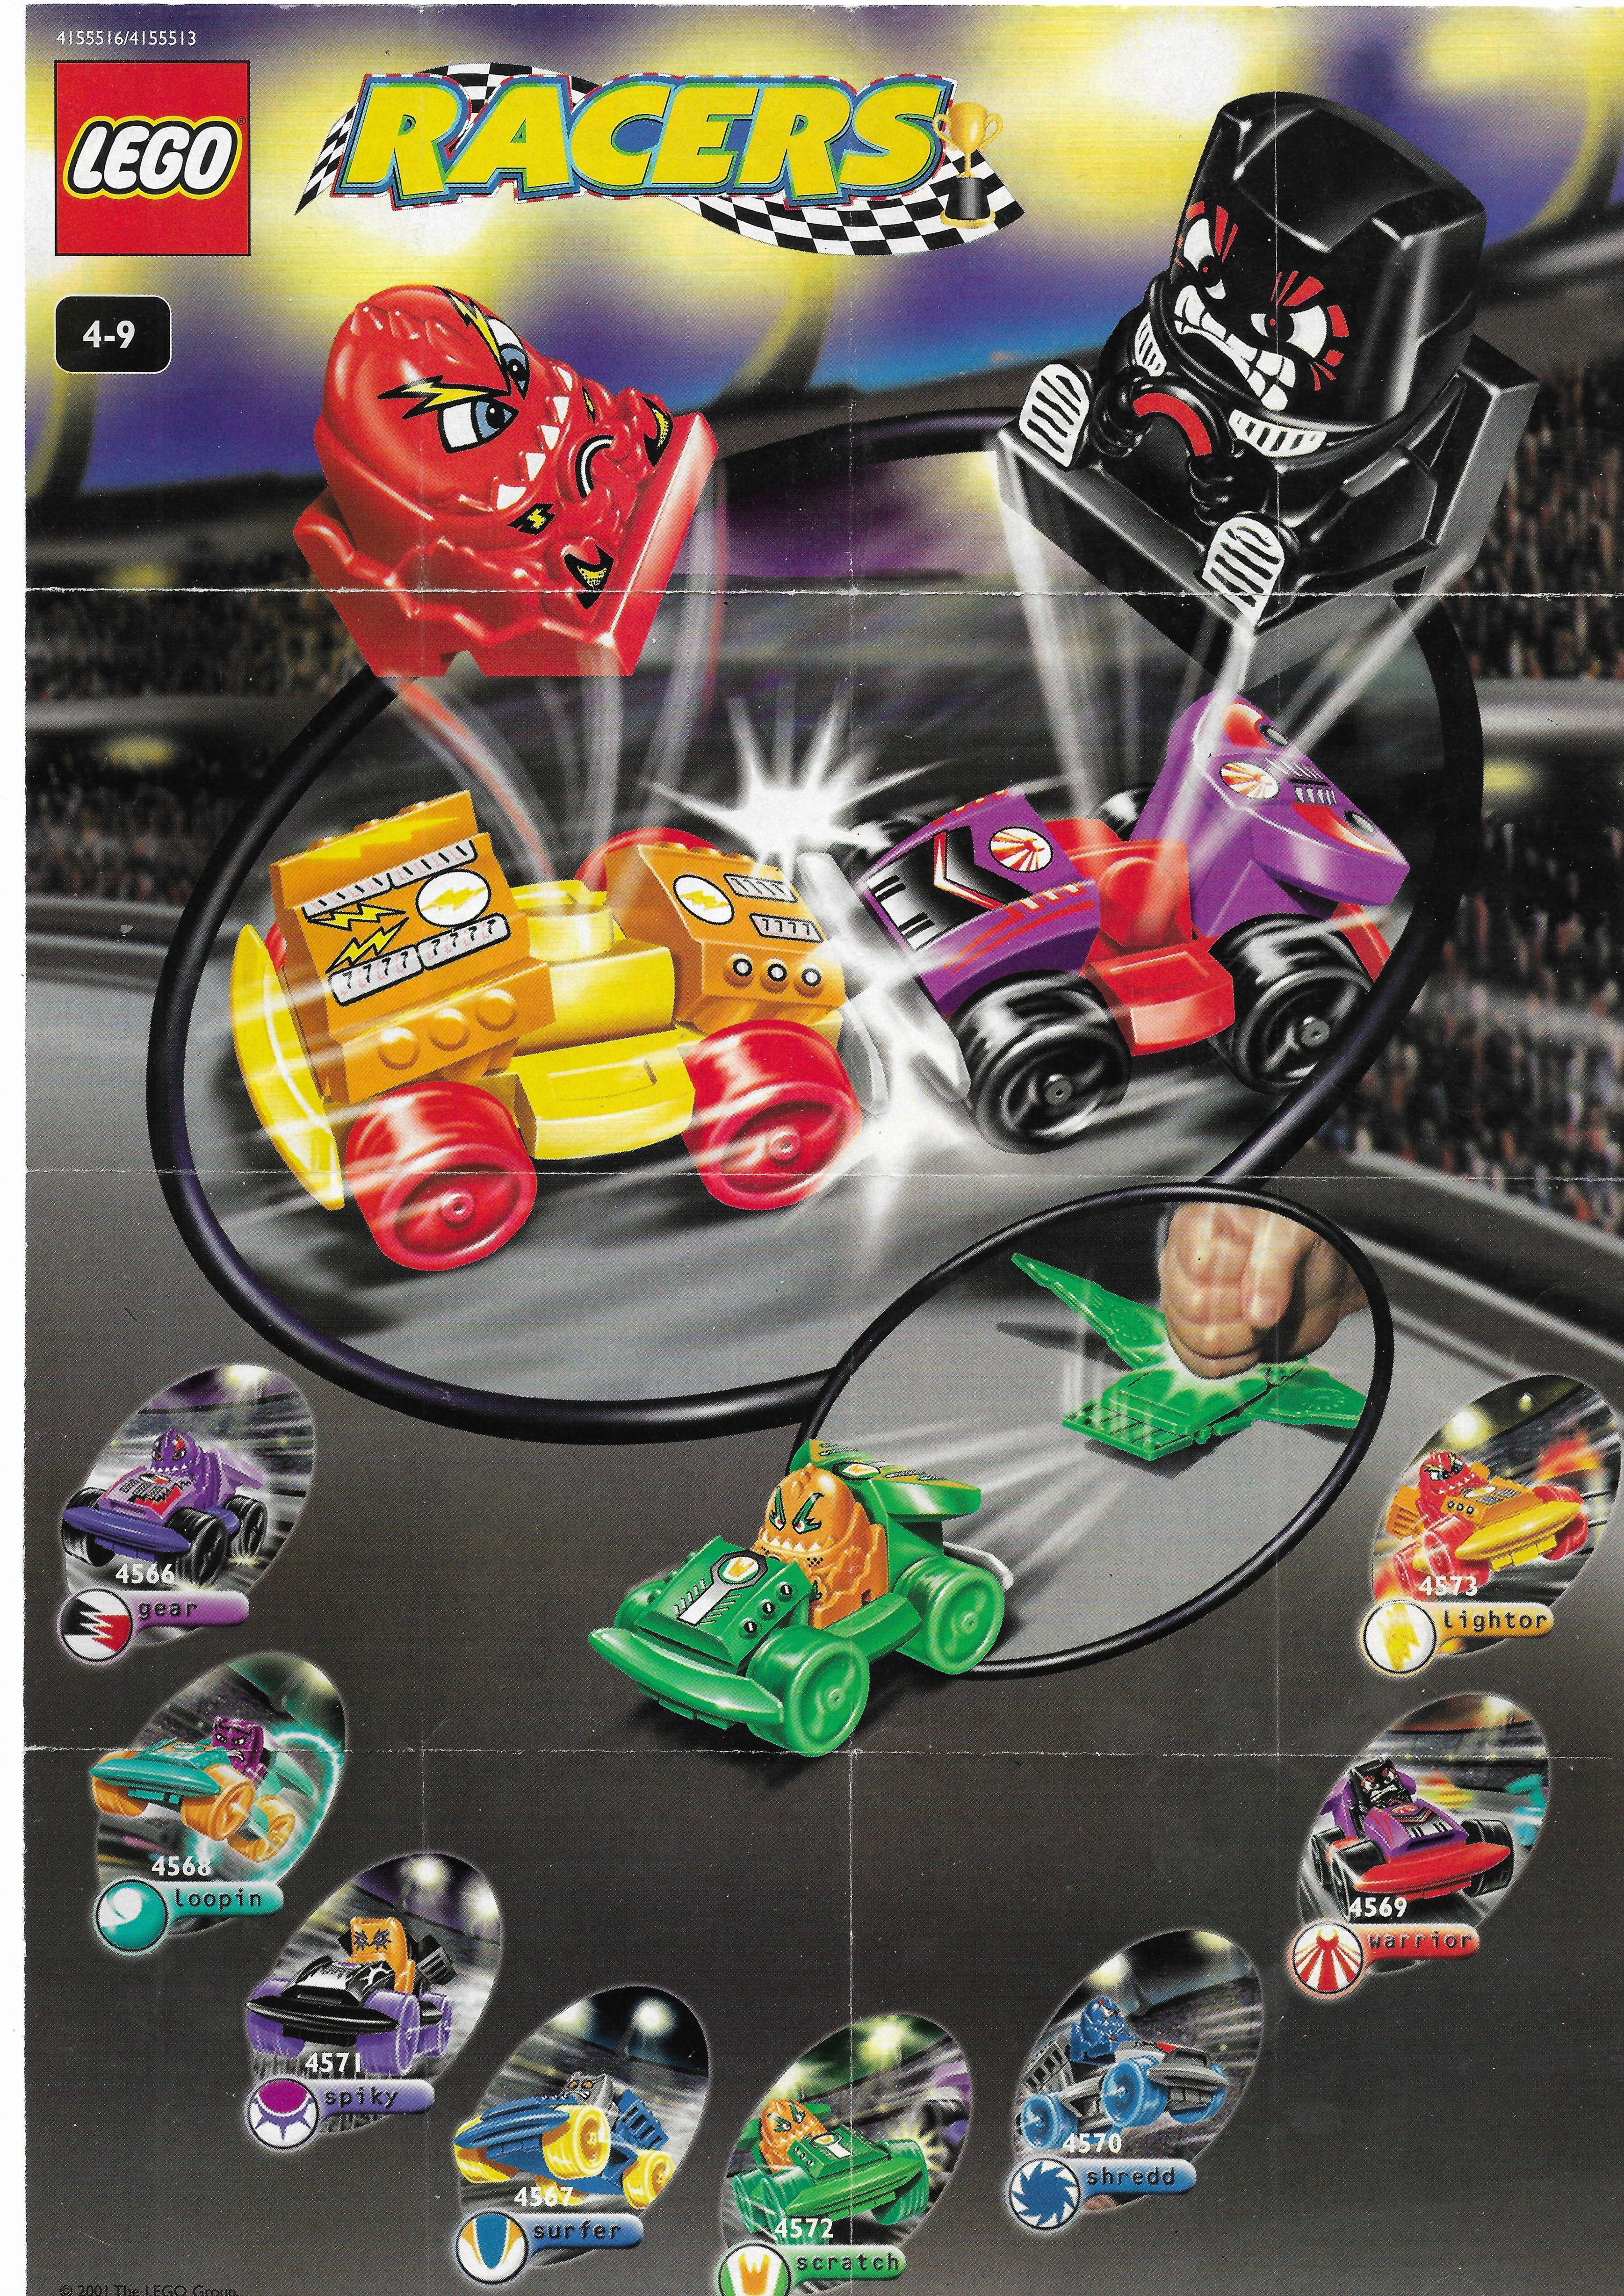 2001-es Lego Racers insert